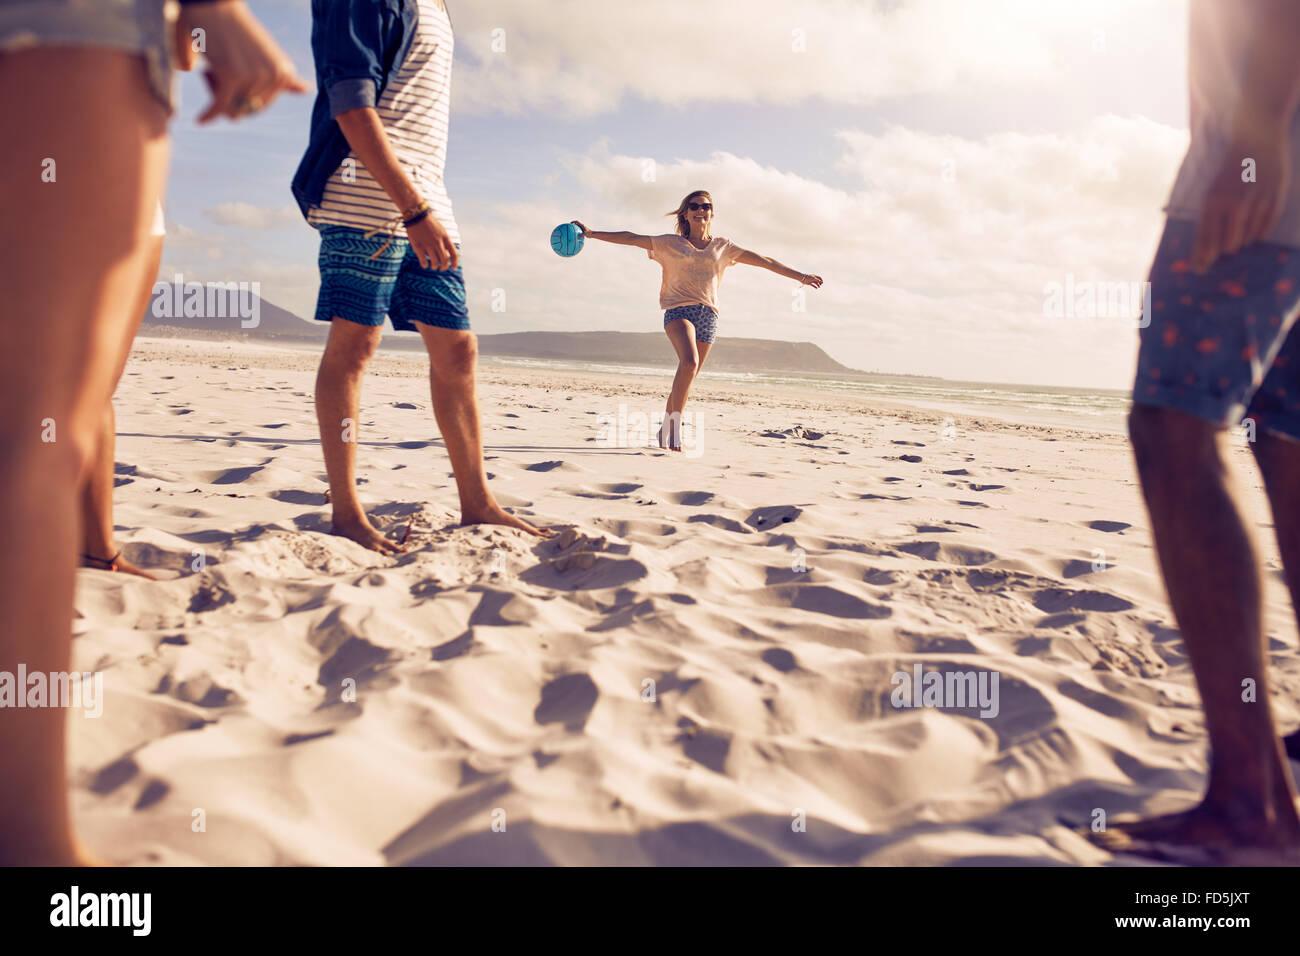 Bassa angolazione della giovane donna in esecuzione sulla spiaggia con una palla con i suoi amici in piedi di fronte. Immagini Stock